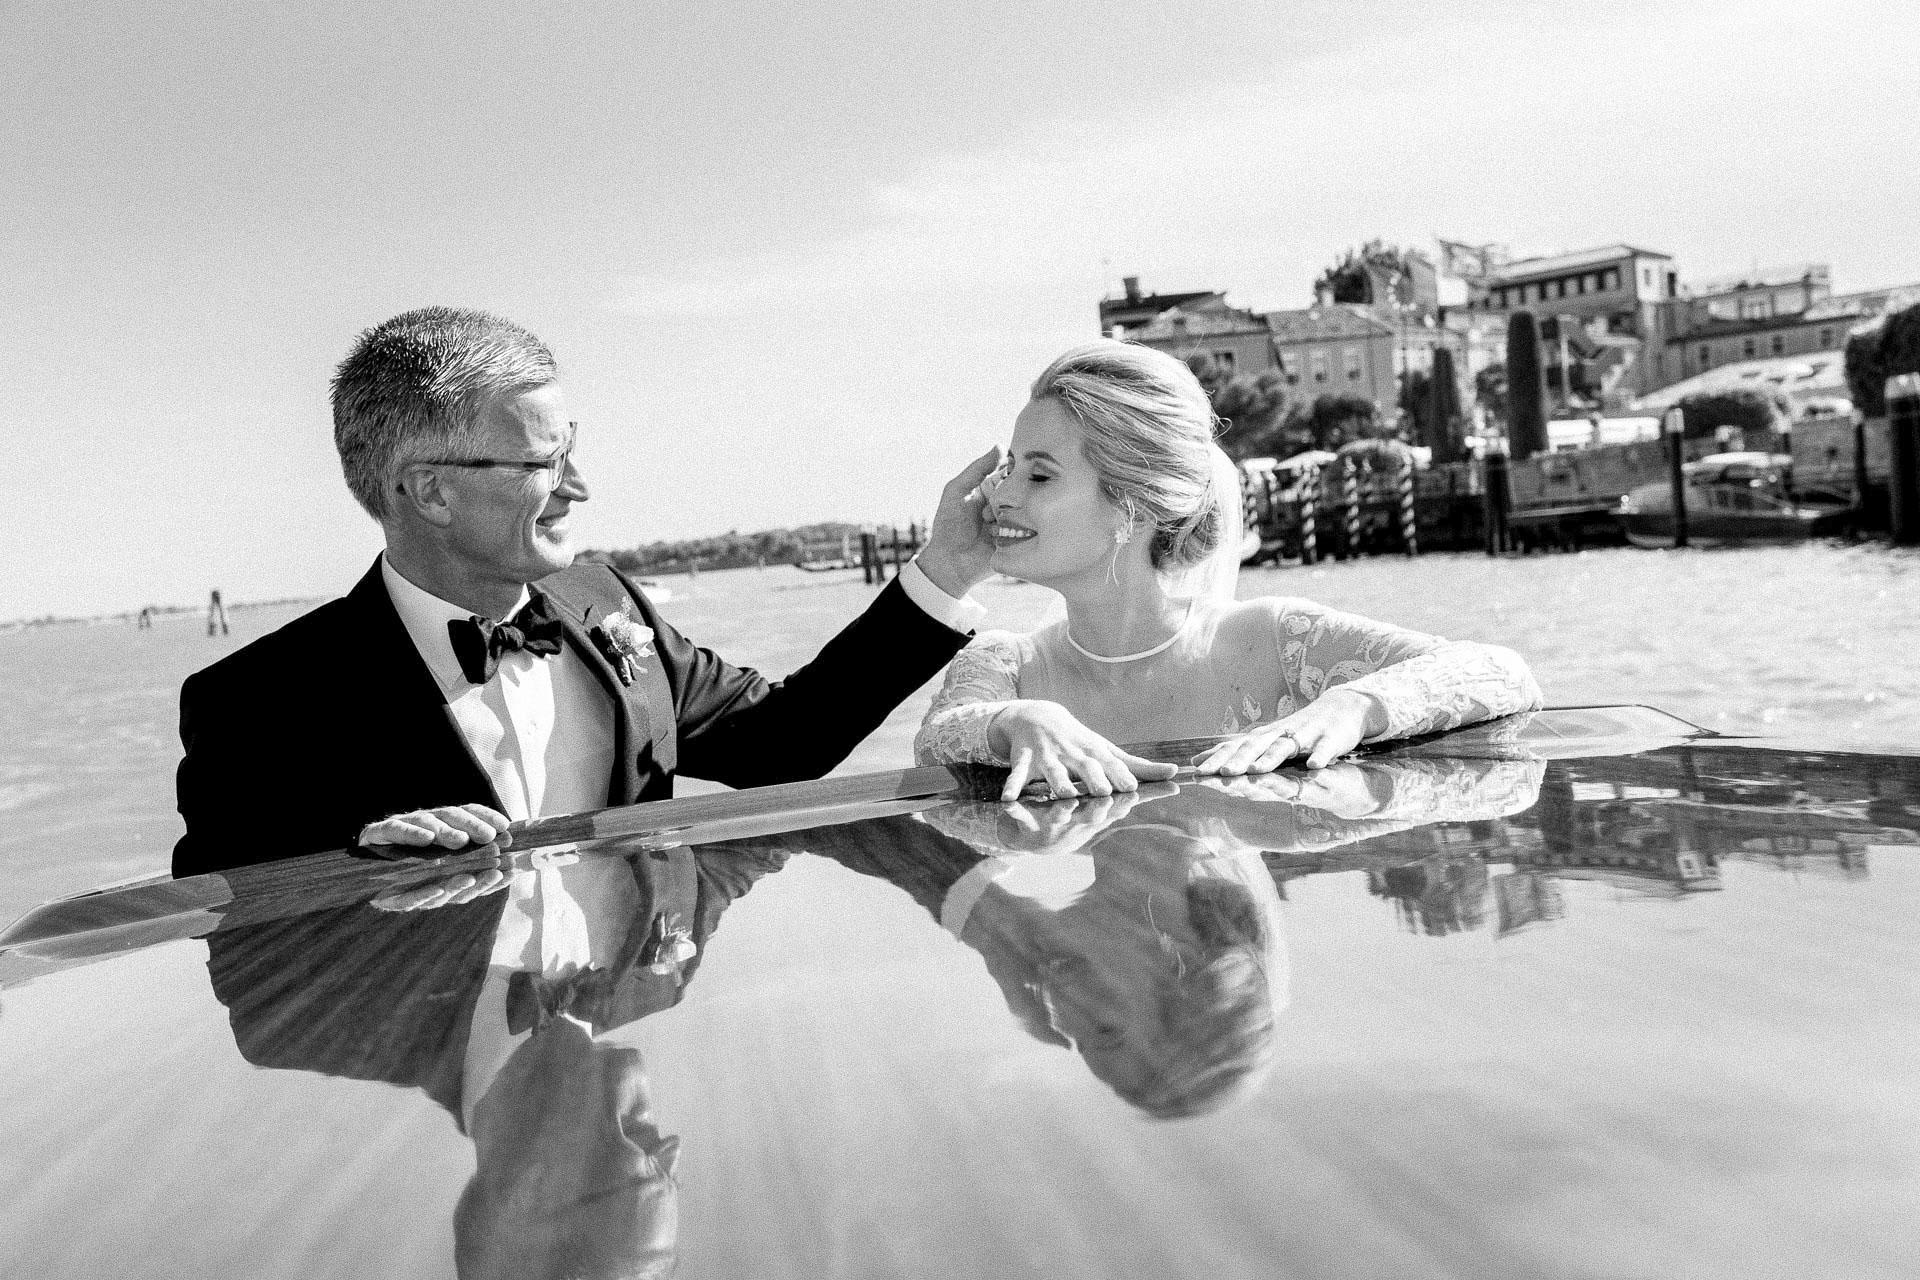 luxury photographers venezia